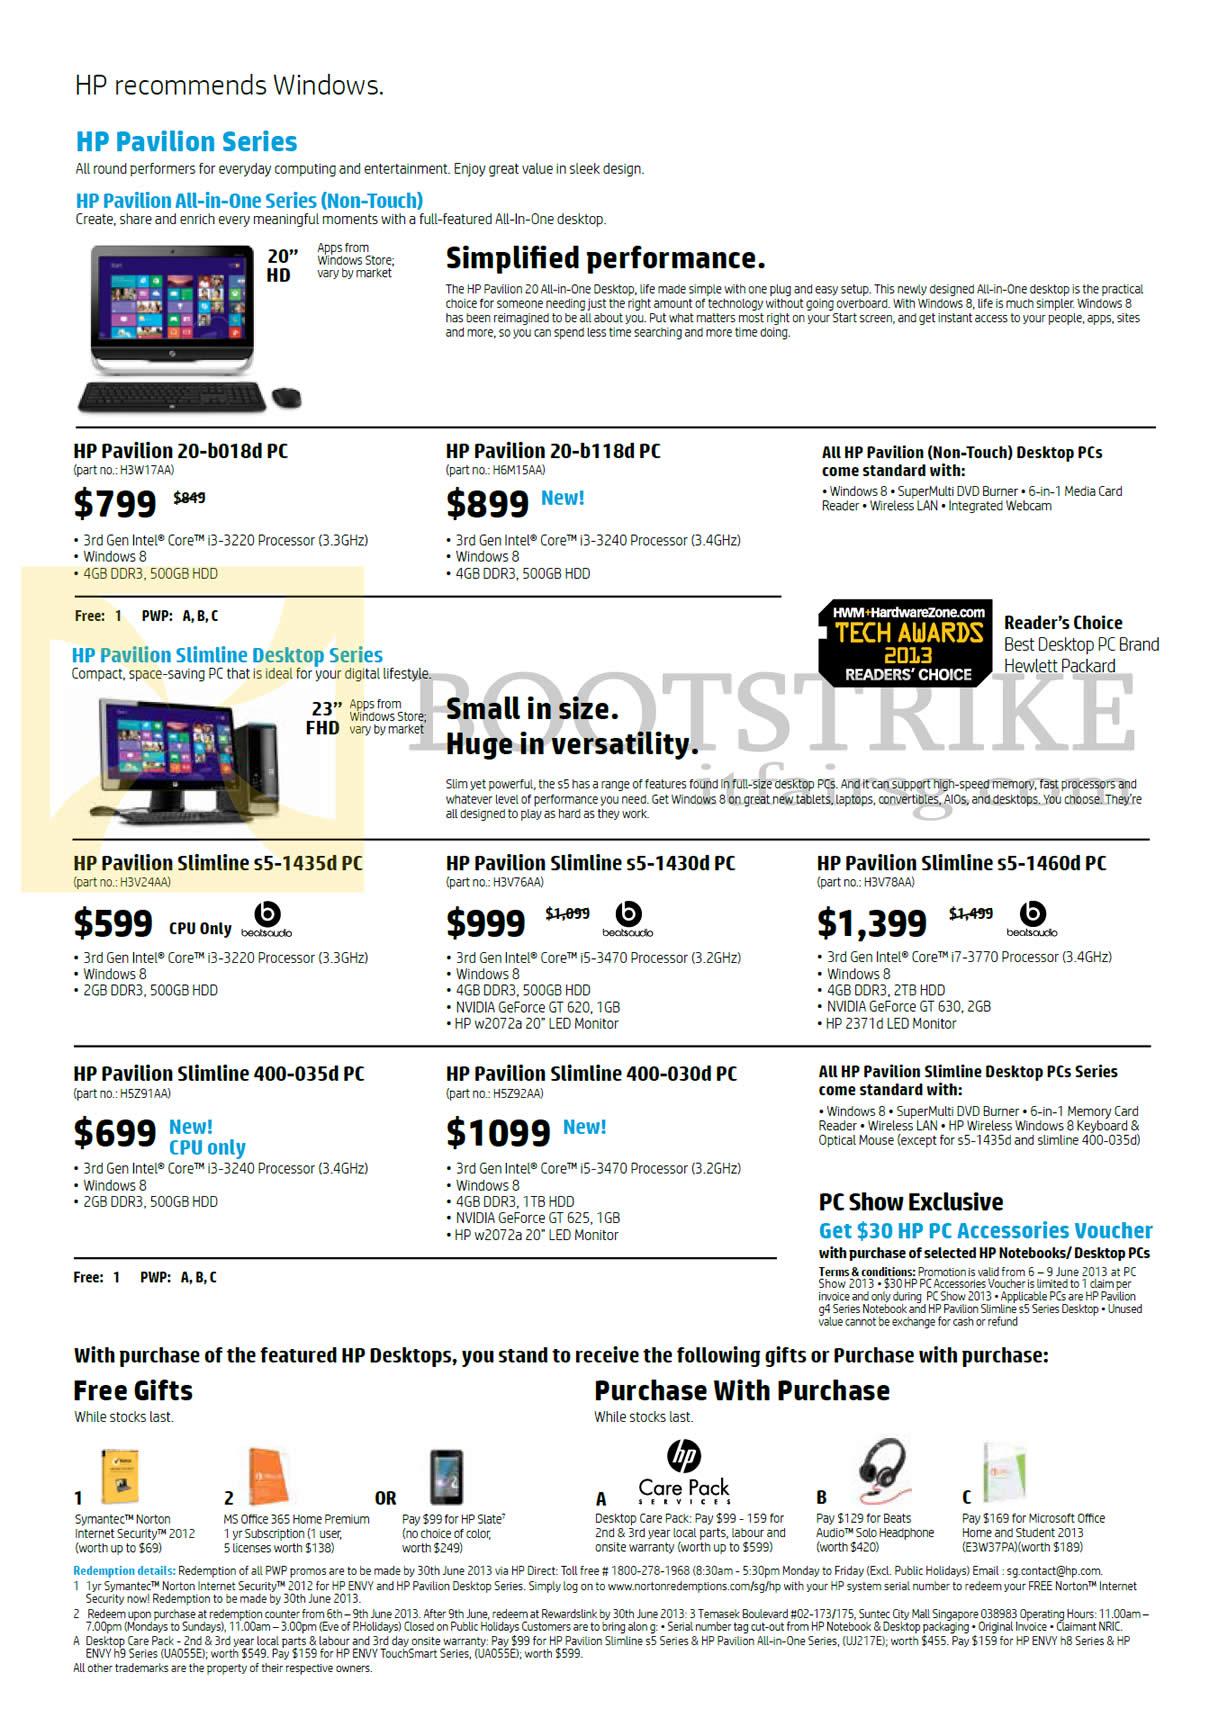 PC SHOW 2013 price list image brochure of HP Desktop PCs, AIO Desktop PCs, Pavilion 20-b018d, 20-b118d, Slimline S5-1435d, S5-1430d, S5-1460d, 400-035d, 400-030d